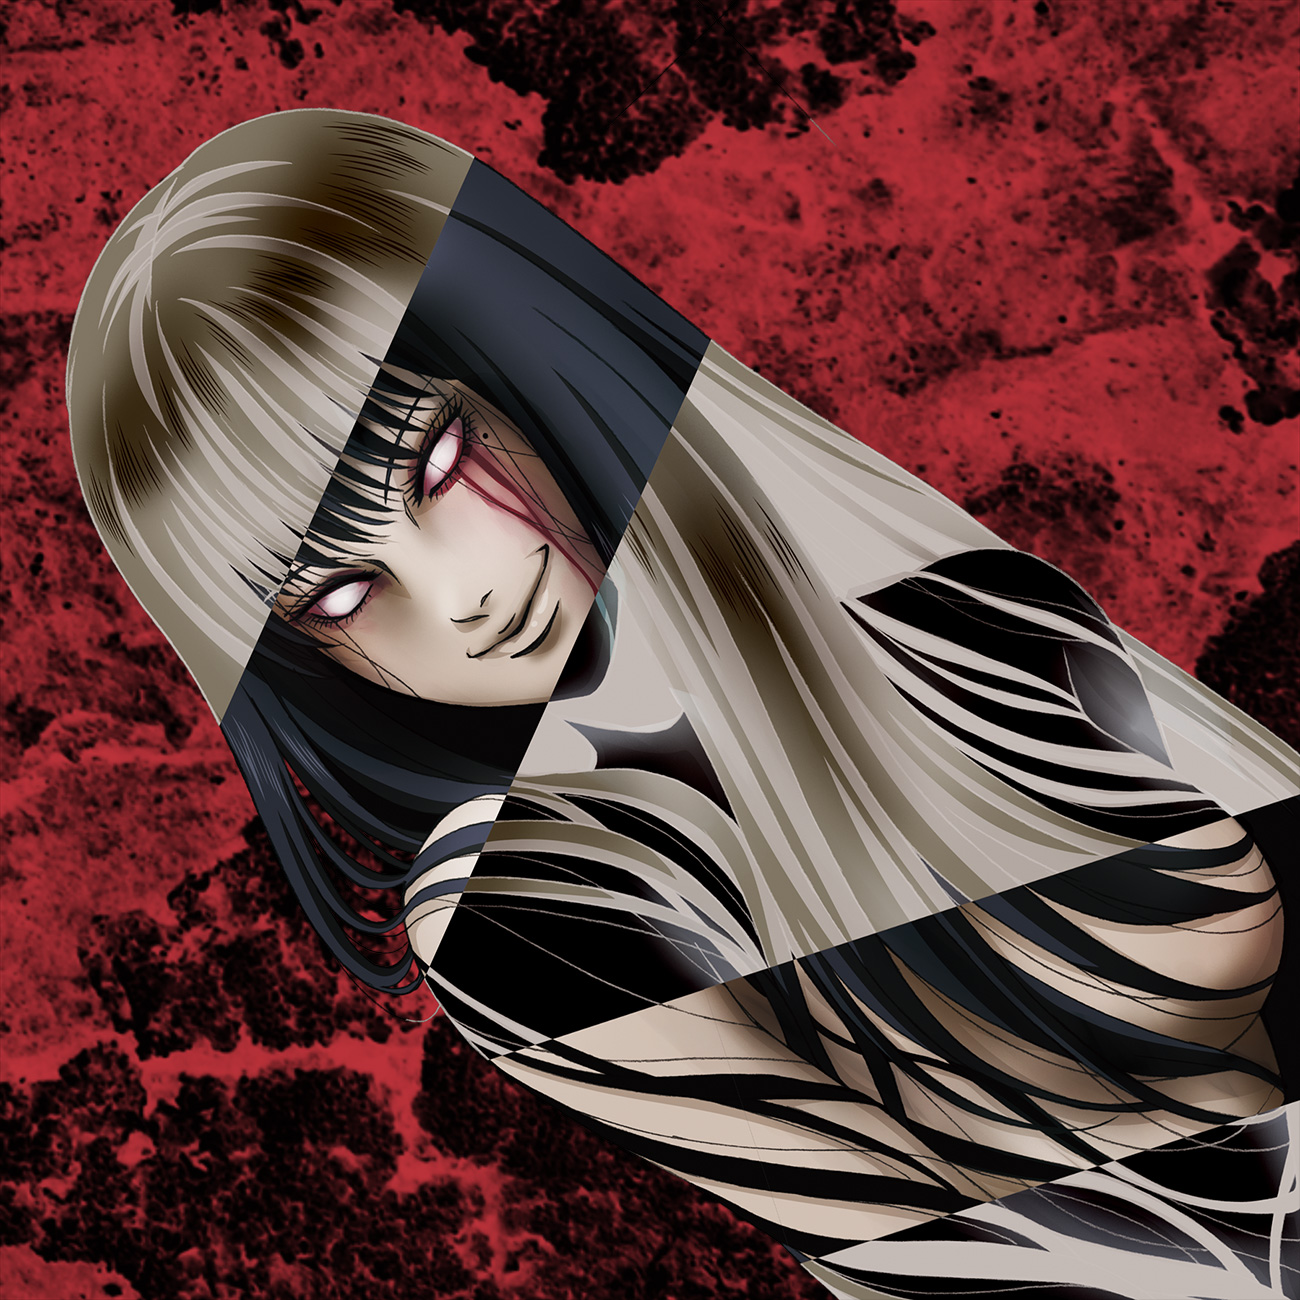 伊藤潤二「コレクション」のアニメ公式サイトからの画像